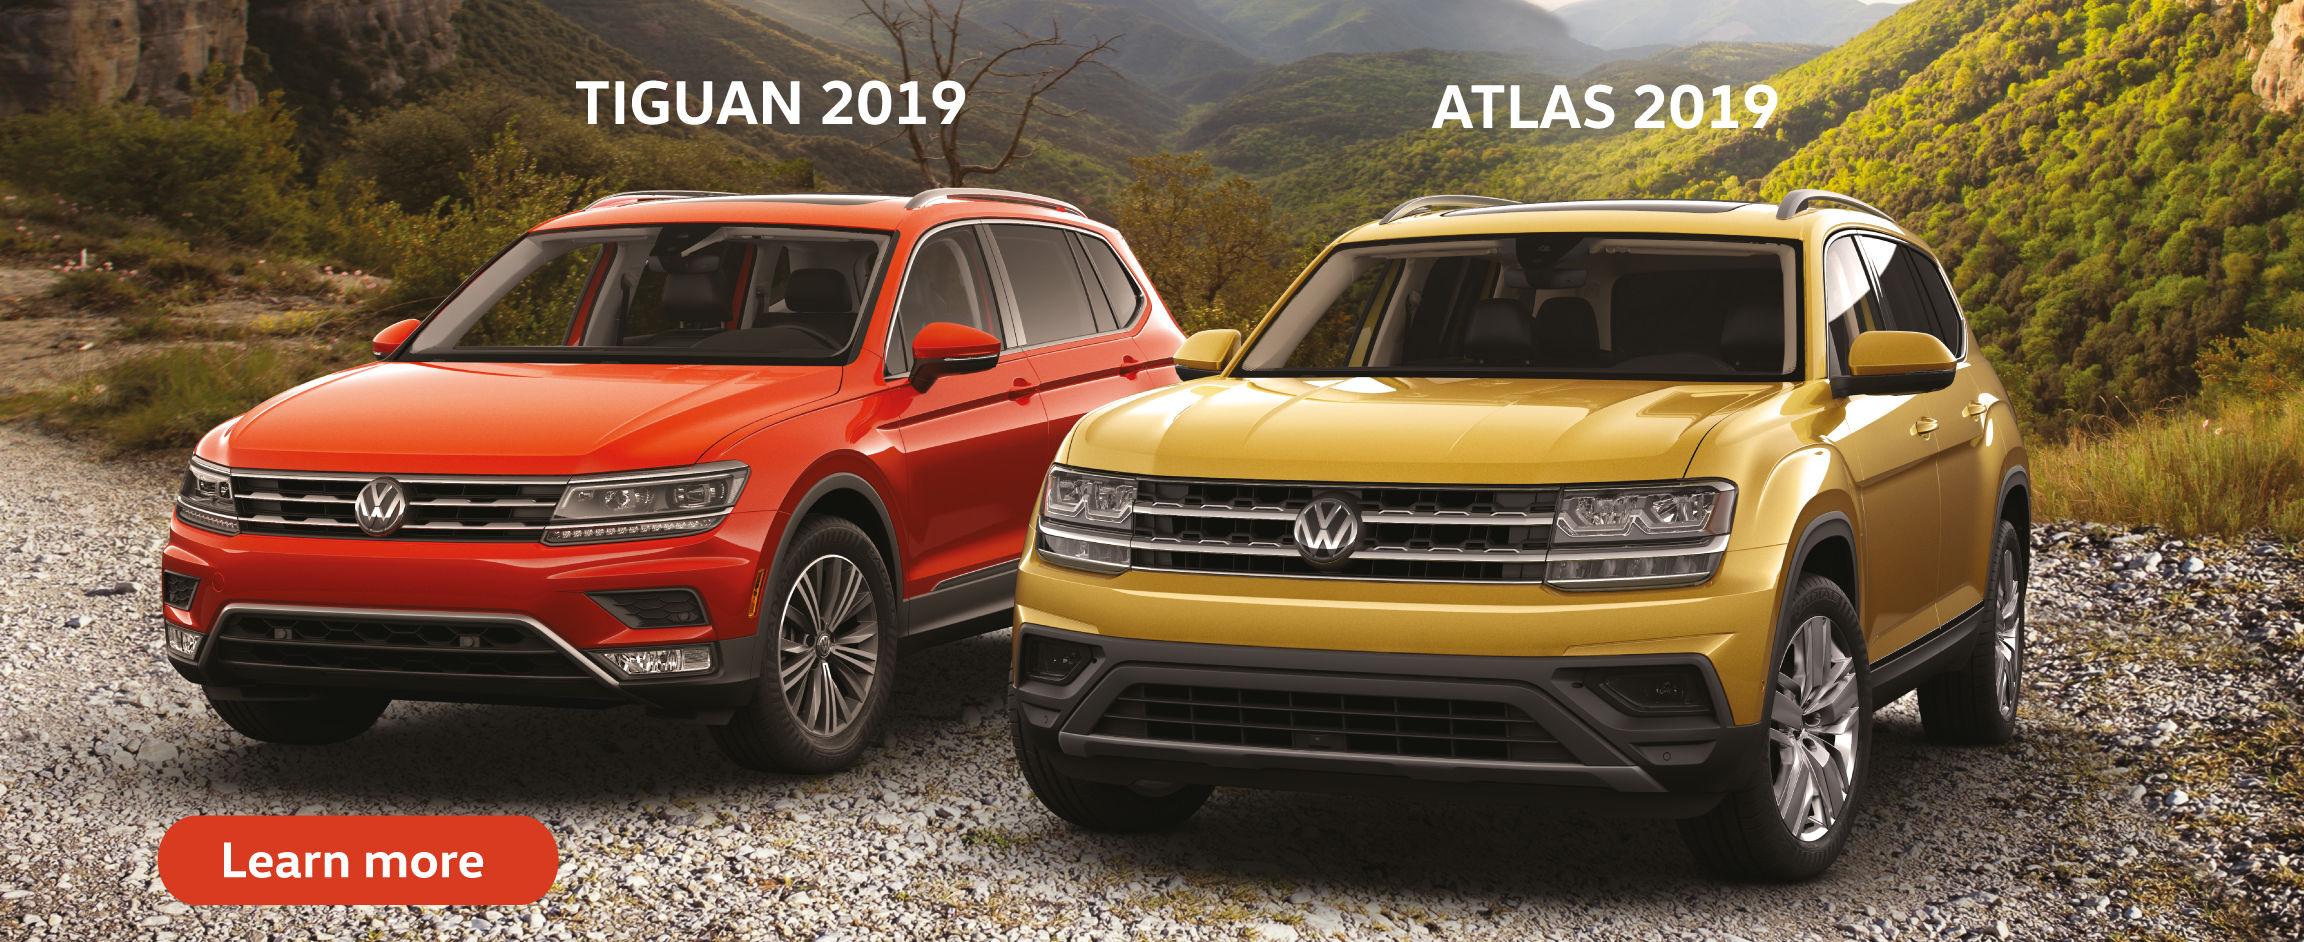 2019 Tiguan and Atlas